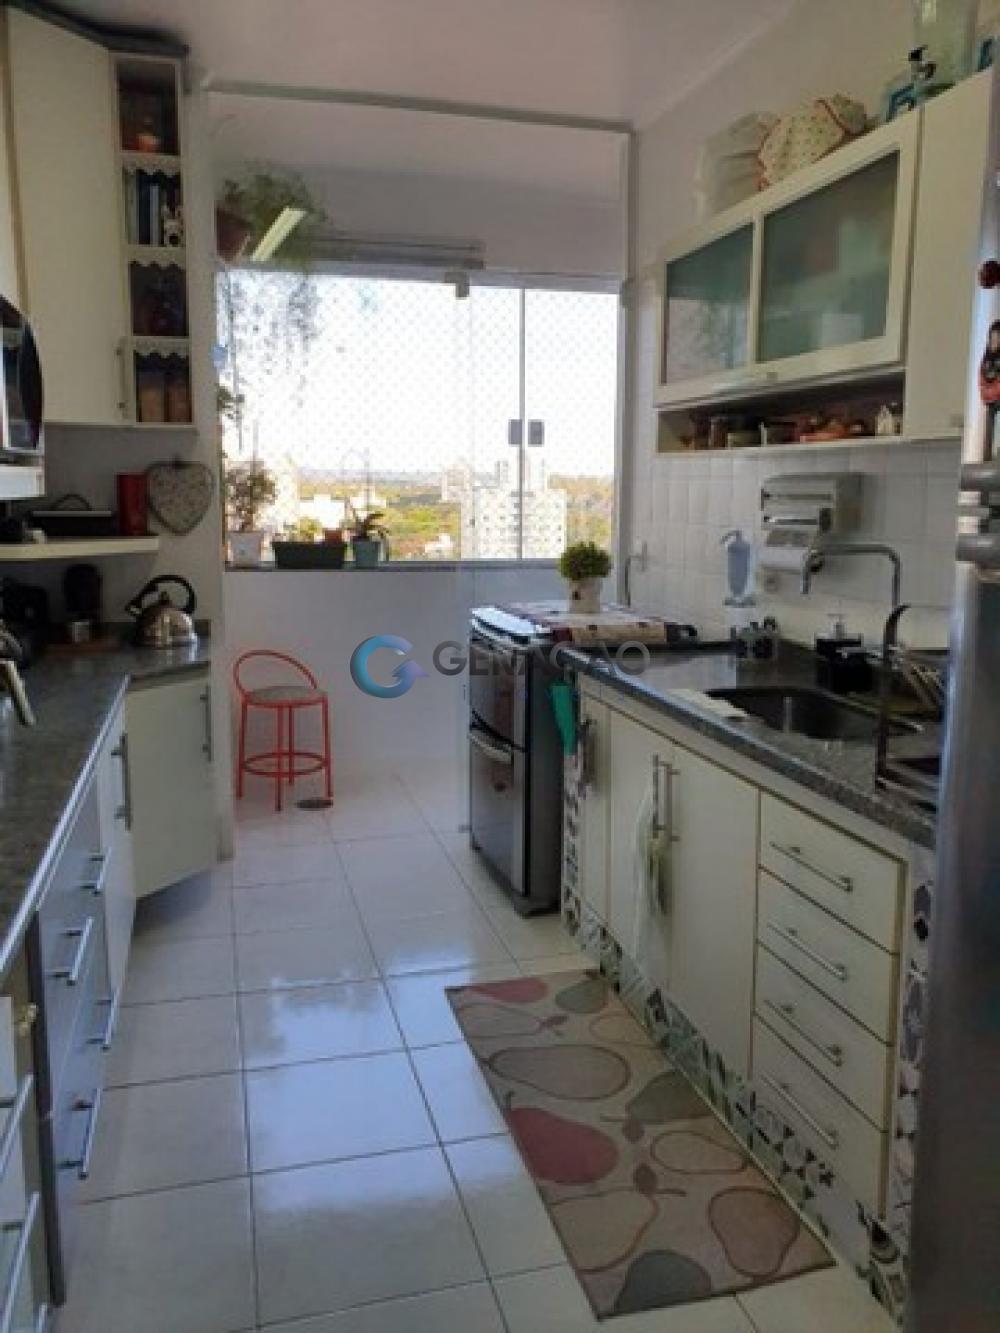 Comprar Apartamento / Padrão em São José dos Campos R$ 330.000,00 - Foto 7